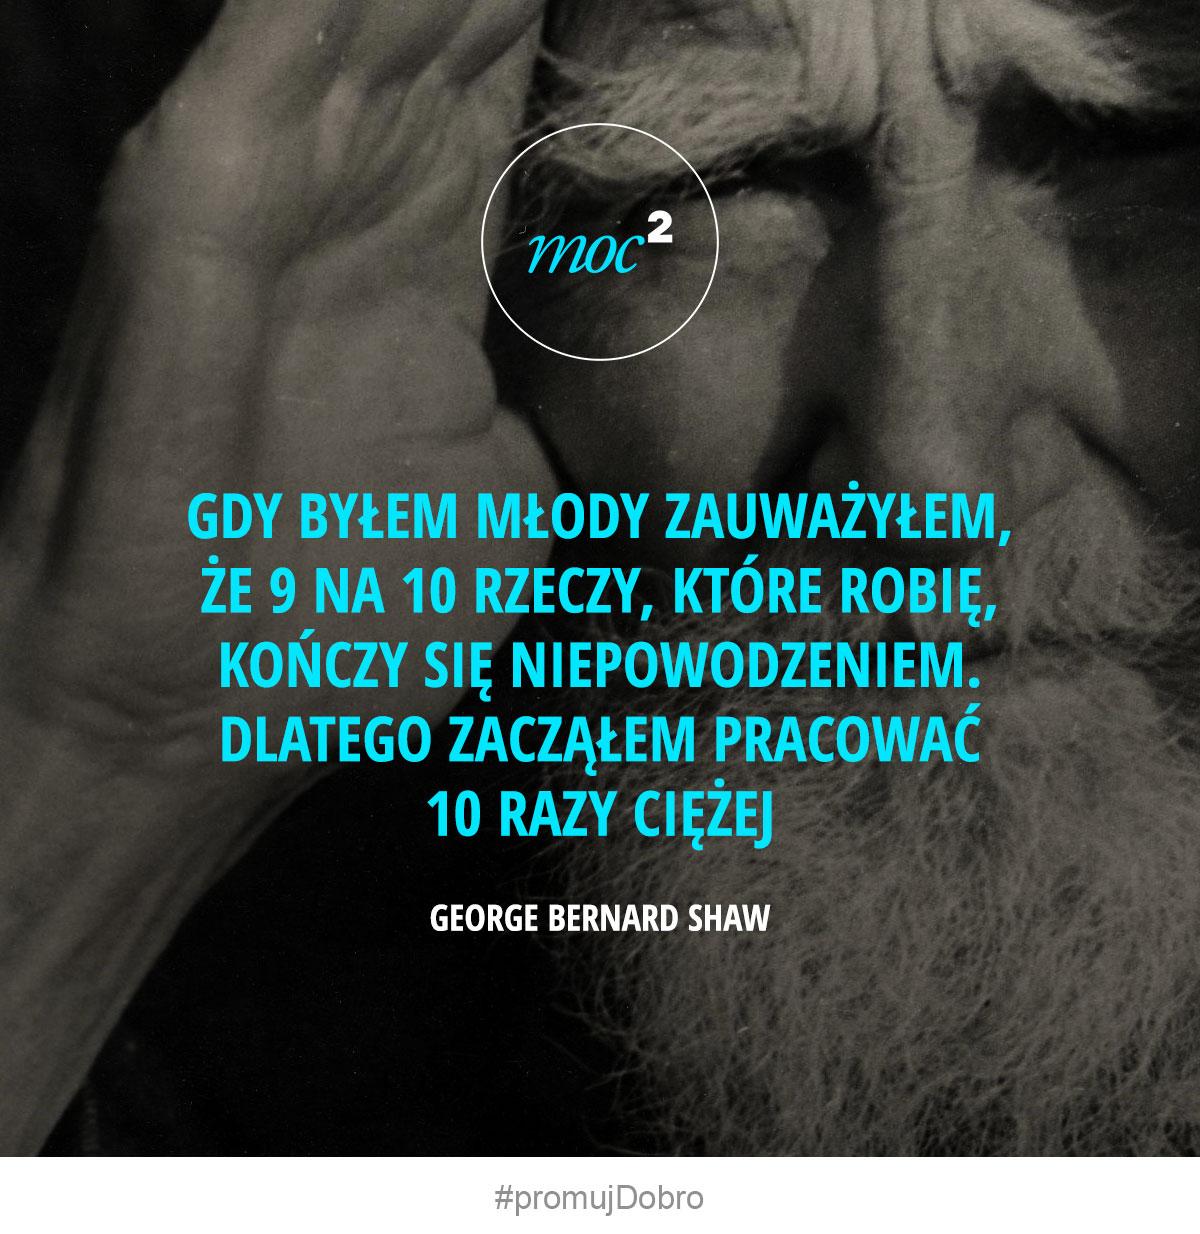 Gdy byłem młody zauważyłem, że 9 na 10 rzeczy, które robię, kończy się niepowodzeniem. Dlatego zacząłem pracować 10 razy ciężej. - George Bernard Shaw